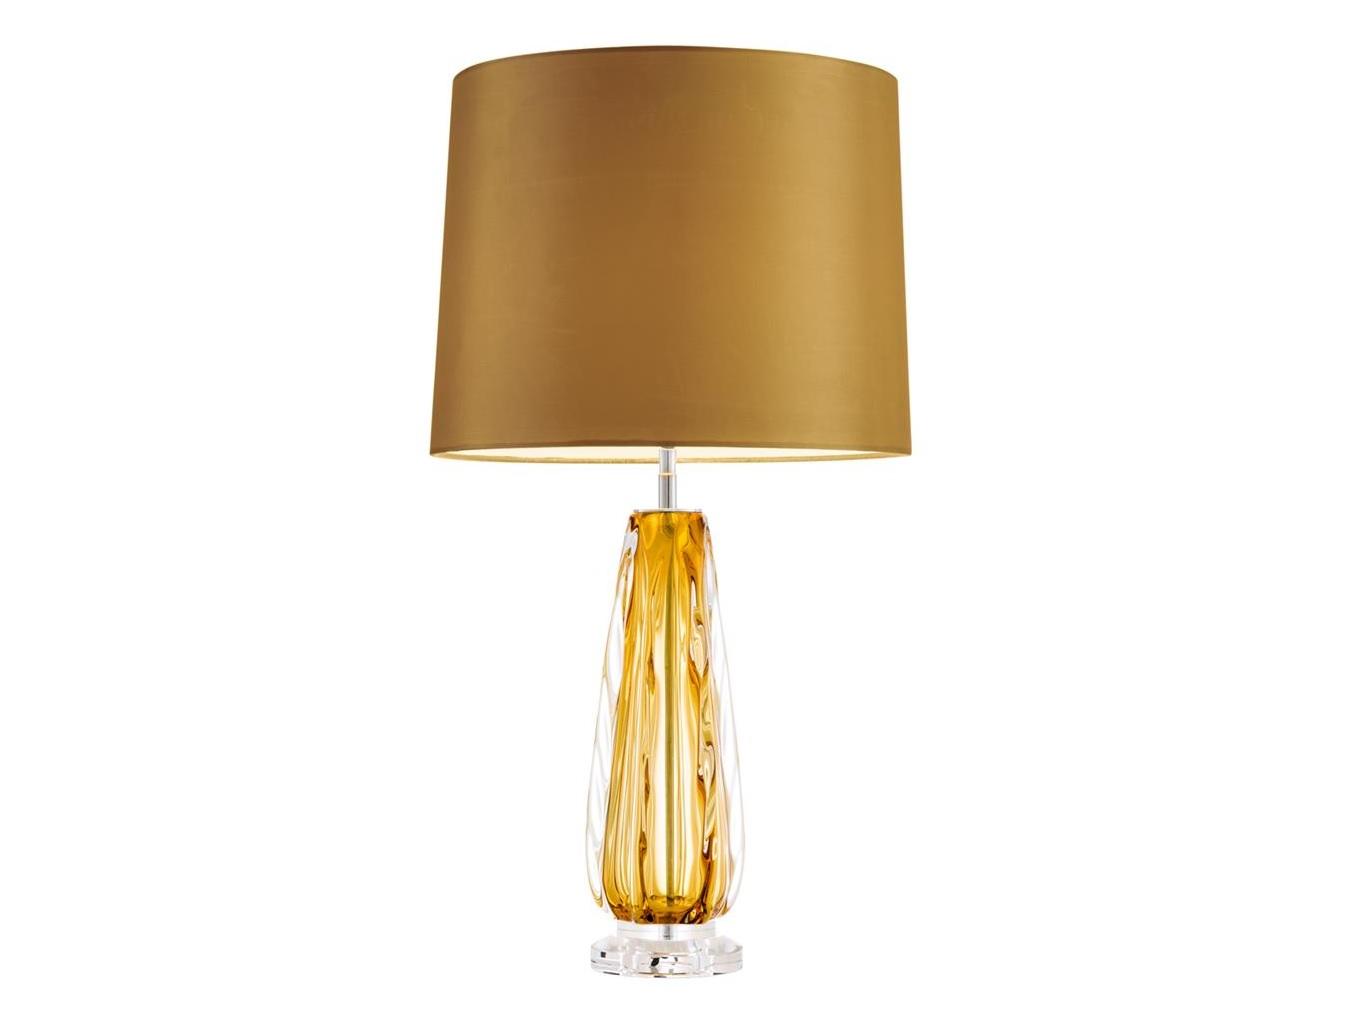 Настольная лампа Table Lamp FlatoДекоративные лампы<br>&amp;lt;div&amp;gt;Вид цоколя: E27&amp;lt;br&amp;gt;&amp;lt;/div&amp;gt;&amp;lt;div&amp;gt;&amp;lt;div&amp;gt;Мощность: 60W&amp;lt;/div&amp;gt;&amp;lt;div&amp;gt;Количество ламп: 1 (нет в комплекте)&amp;lt;/div&amp;gt;&amp;lt;/div&amp;gt;<br><br>Material: Стекло<br>Ширина см: 41.0<br>Высота см: 75<br>Глубина см: 41.0